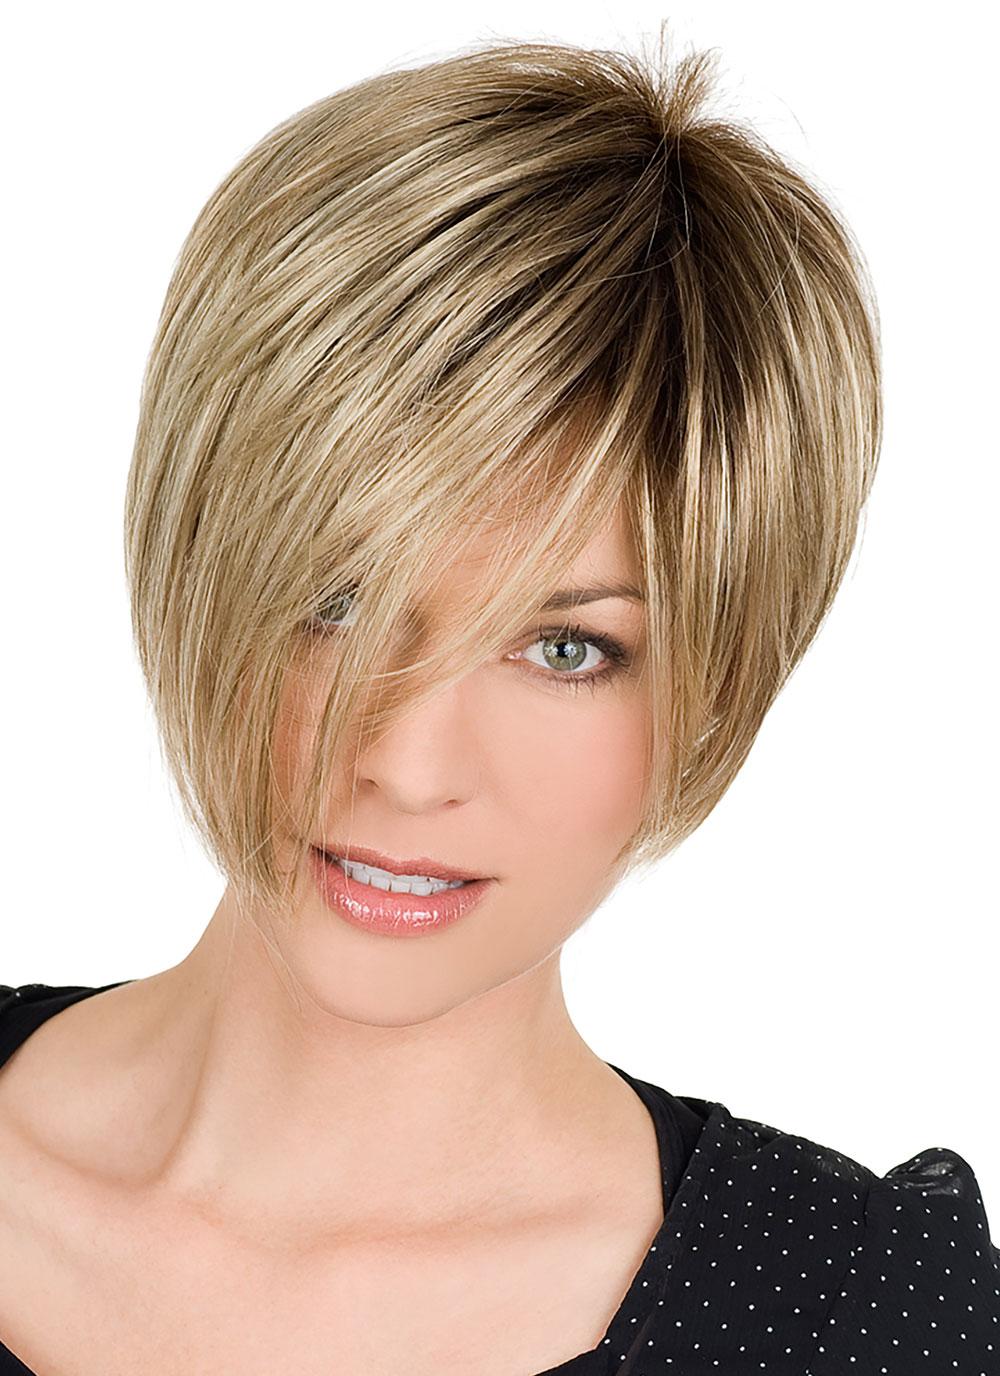 peruca peruca vicky, peruci cluj, peruci timisoara, peruca gisela mayer